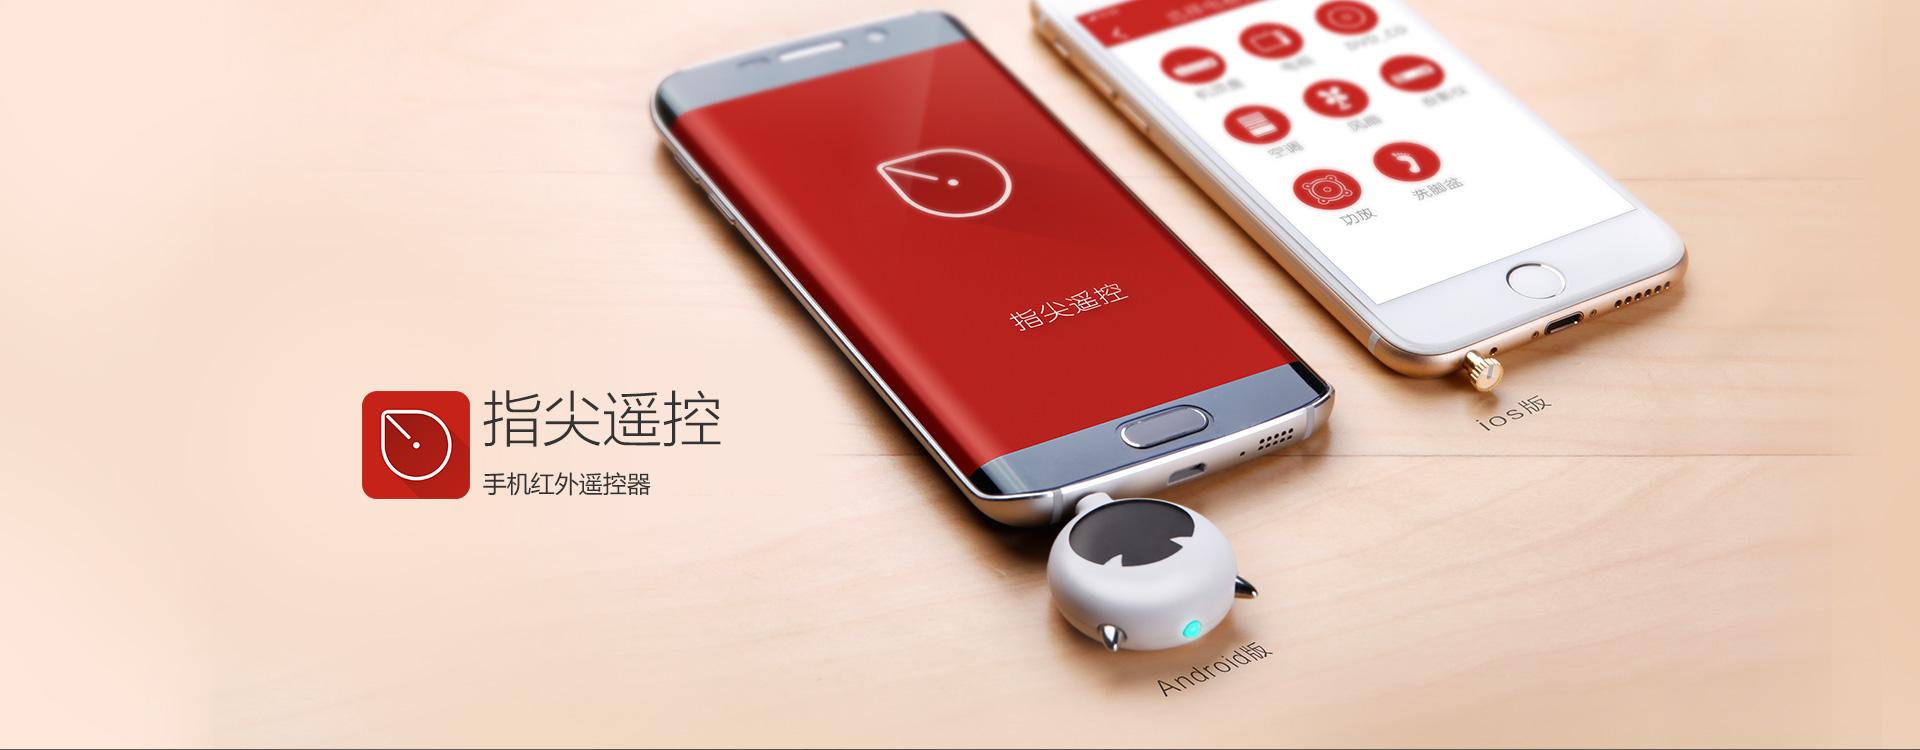 指尖遥控-手机红外遥控器